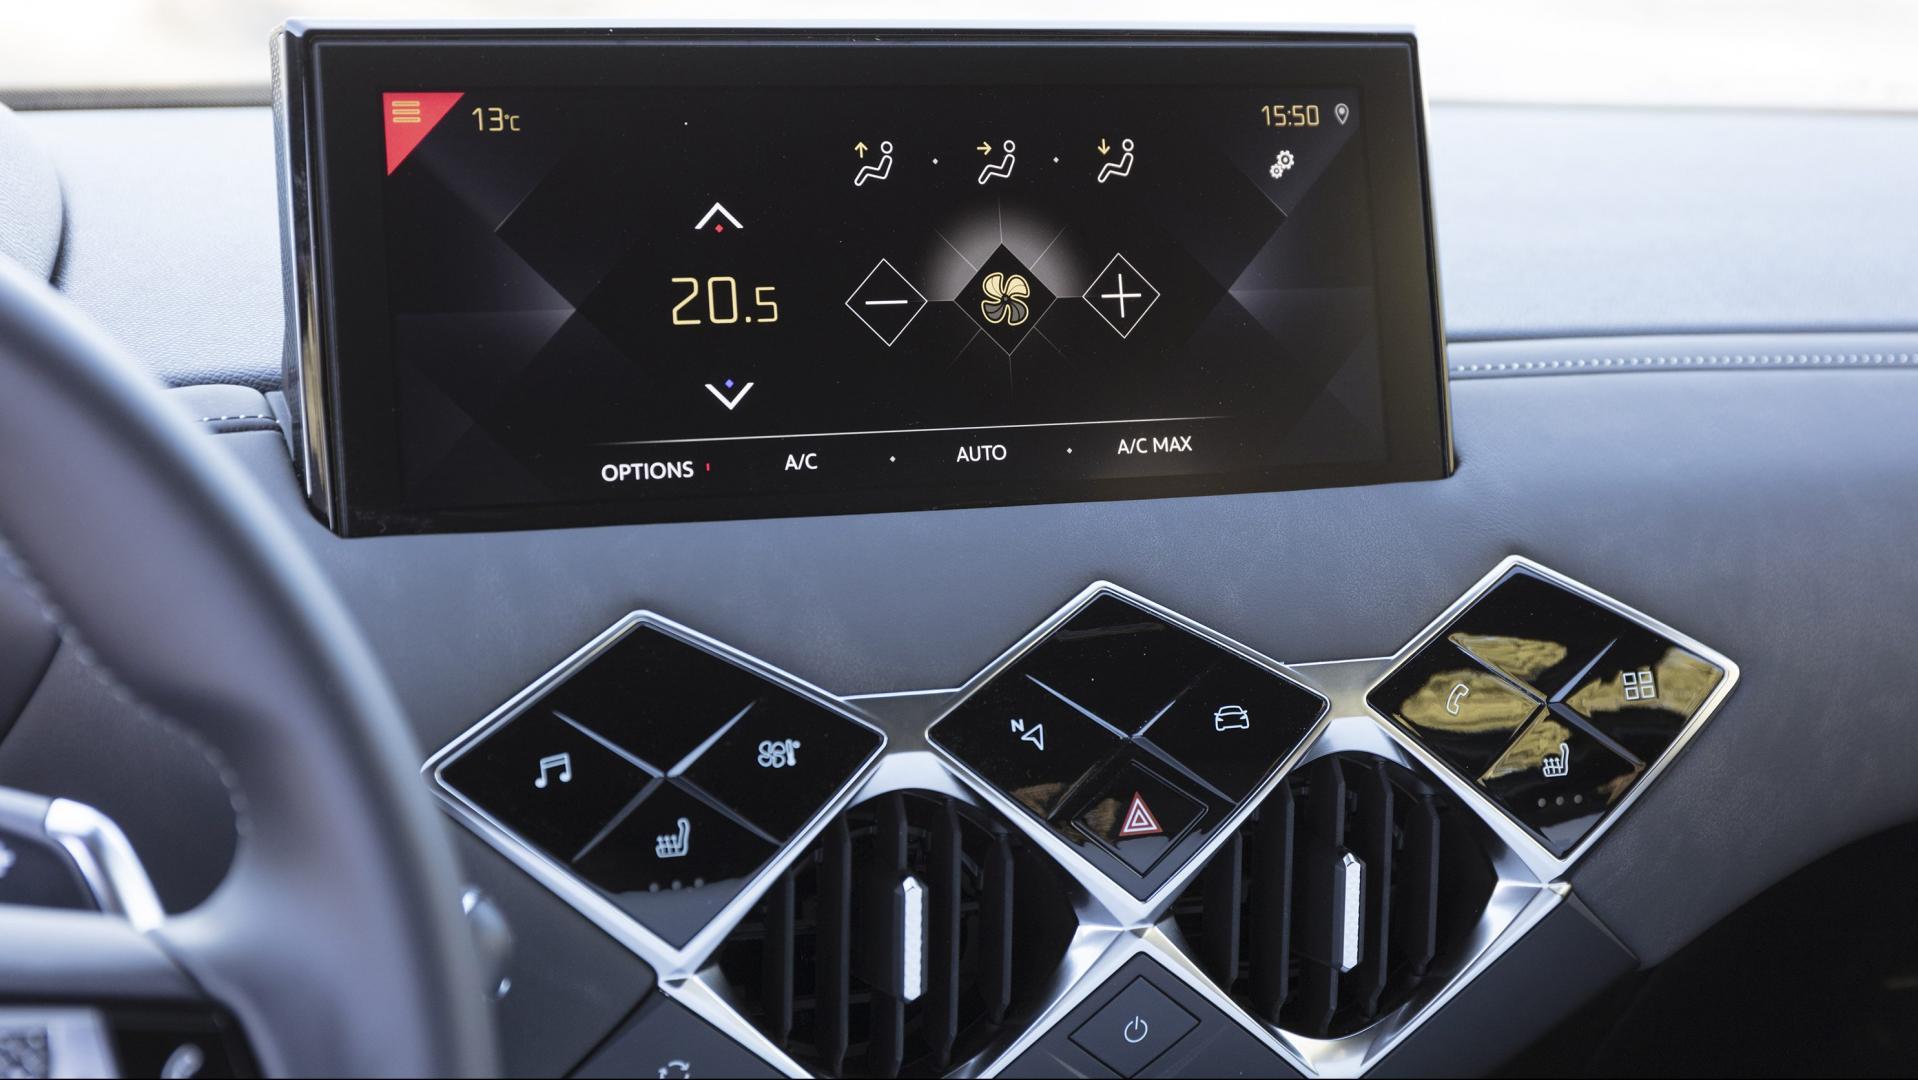 DS 3 Crossback 130 pk Performance Line Plus interieur scherm